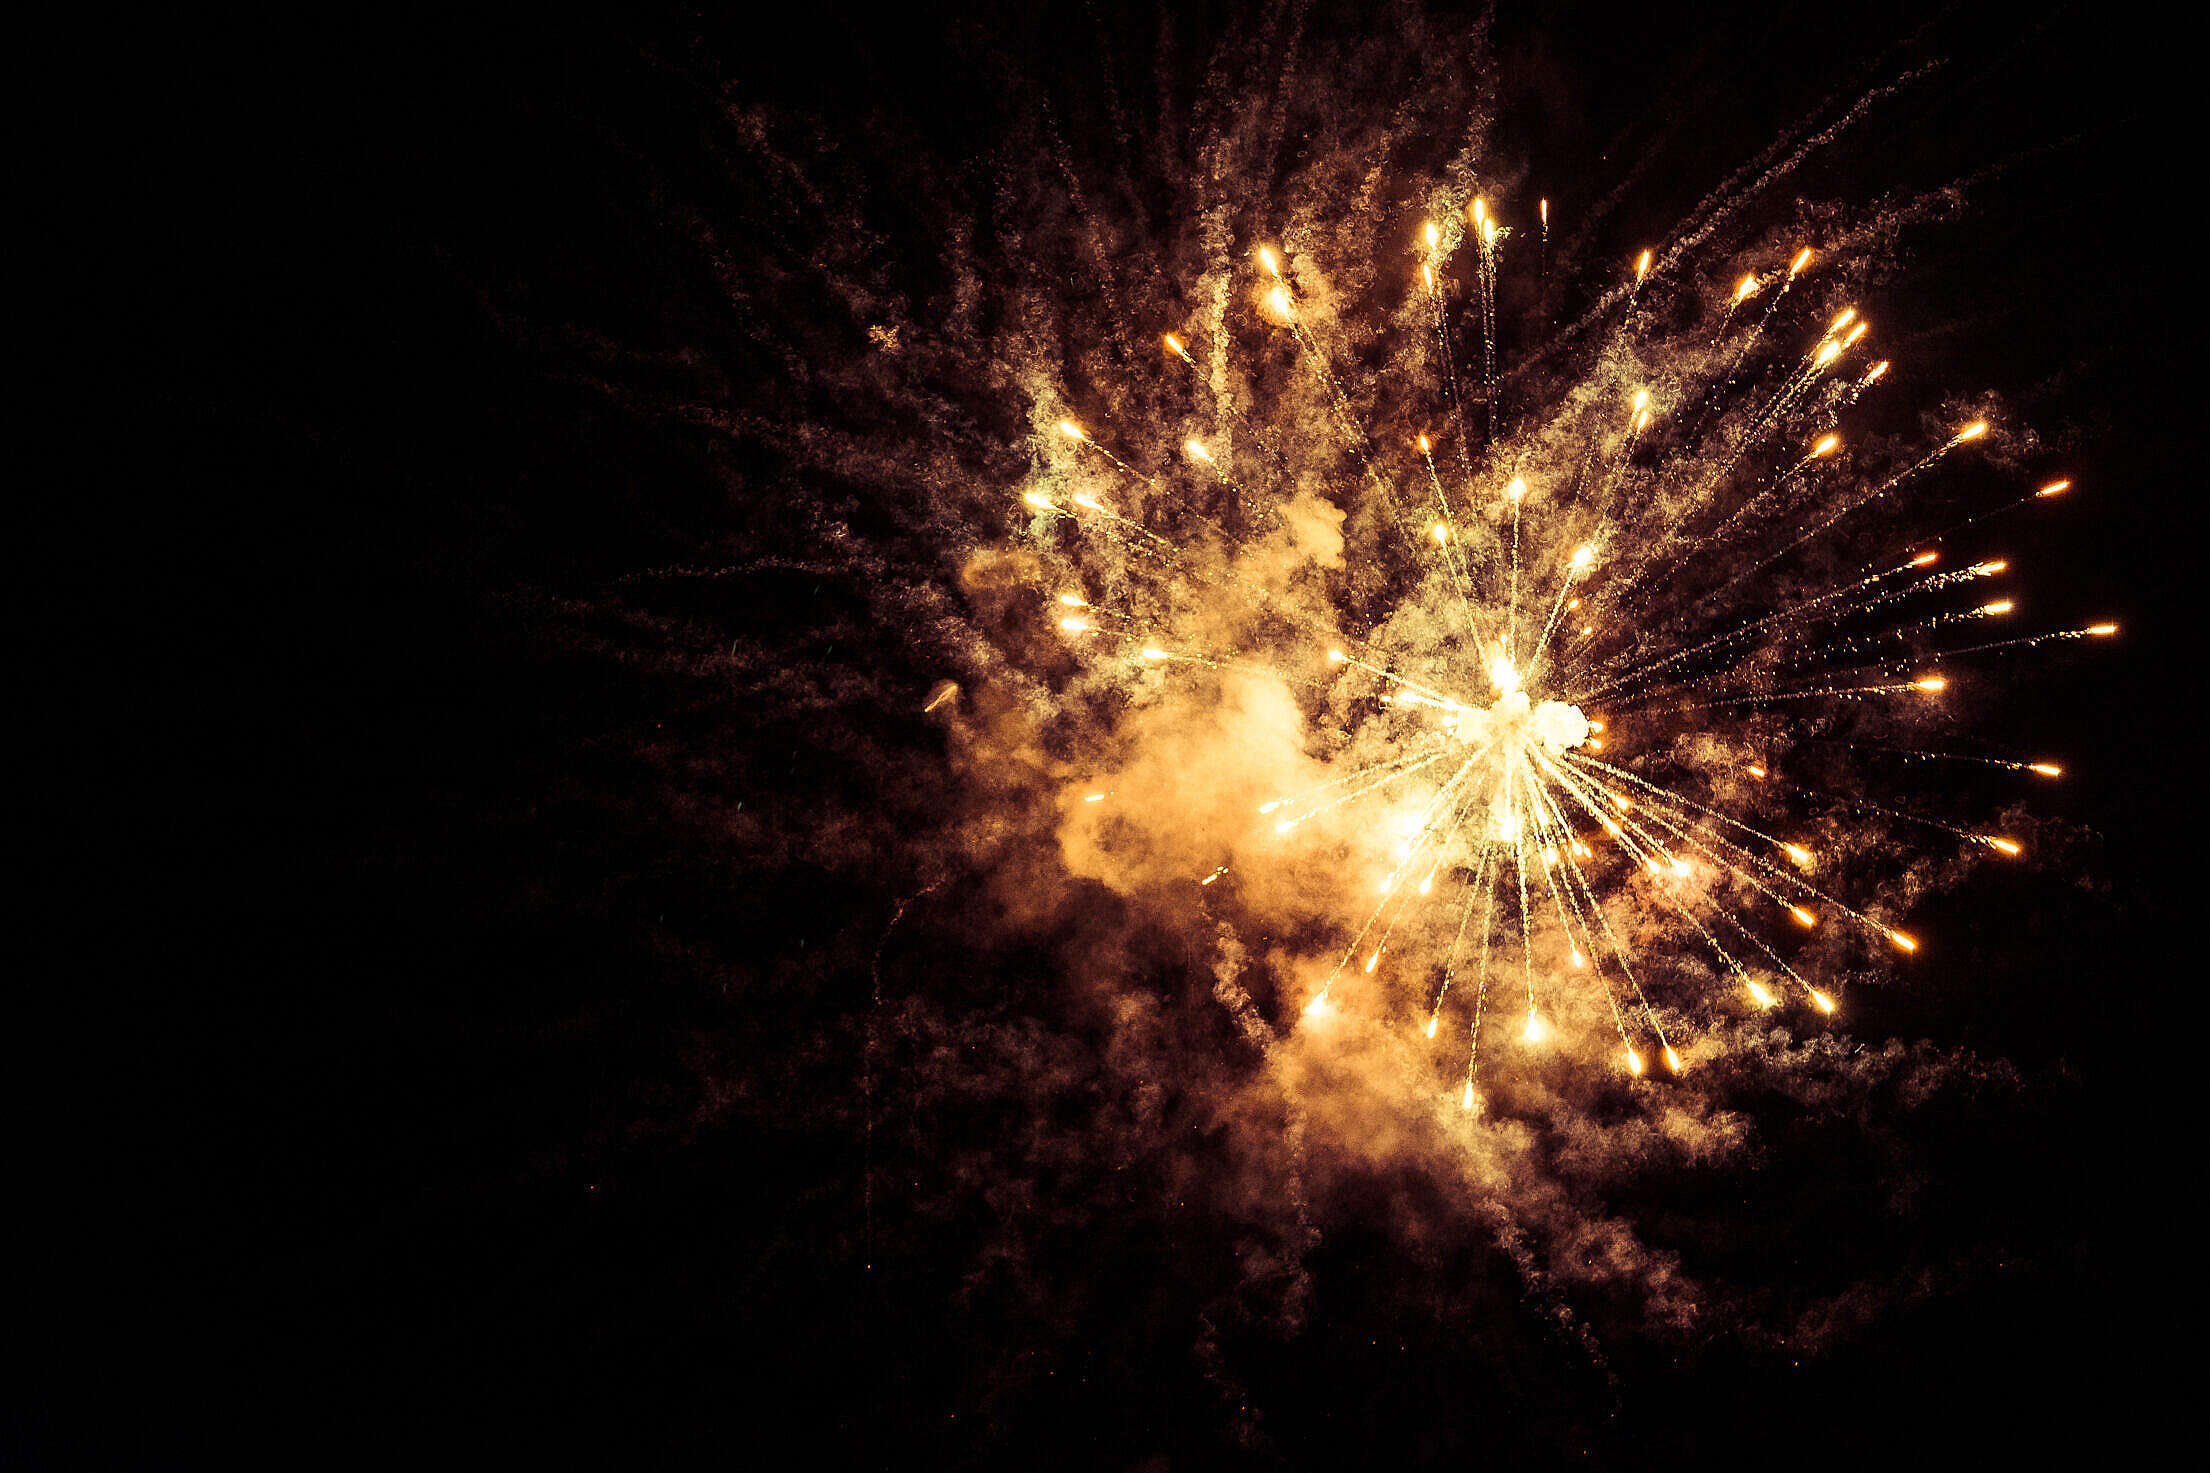 Yellow Fireworks Free Stock Photo